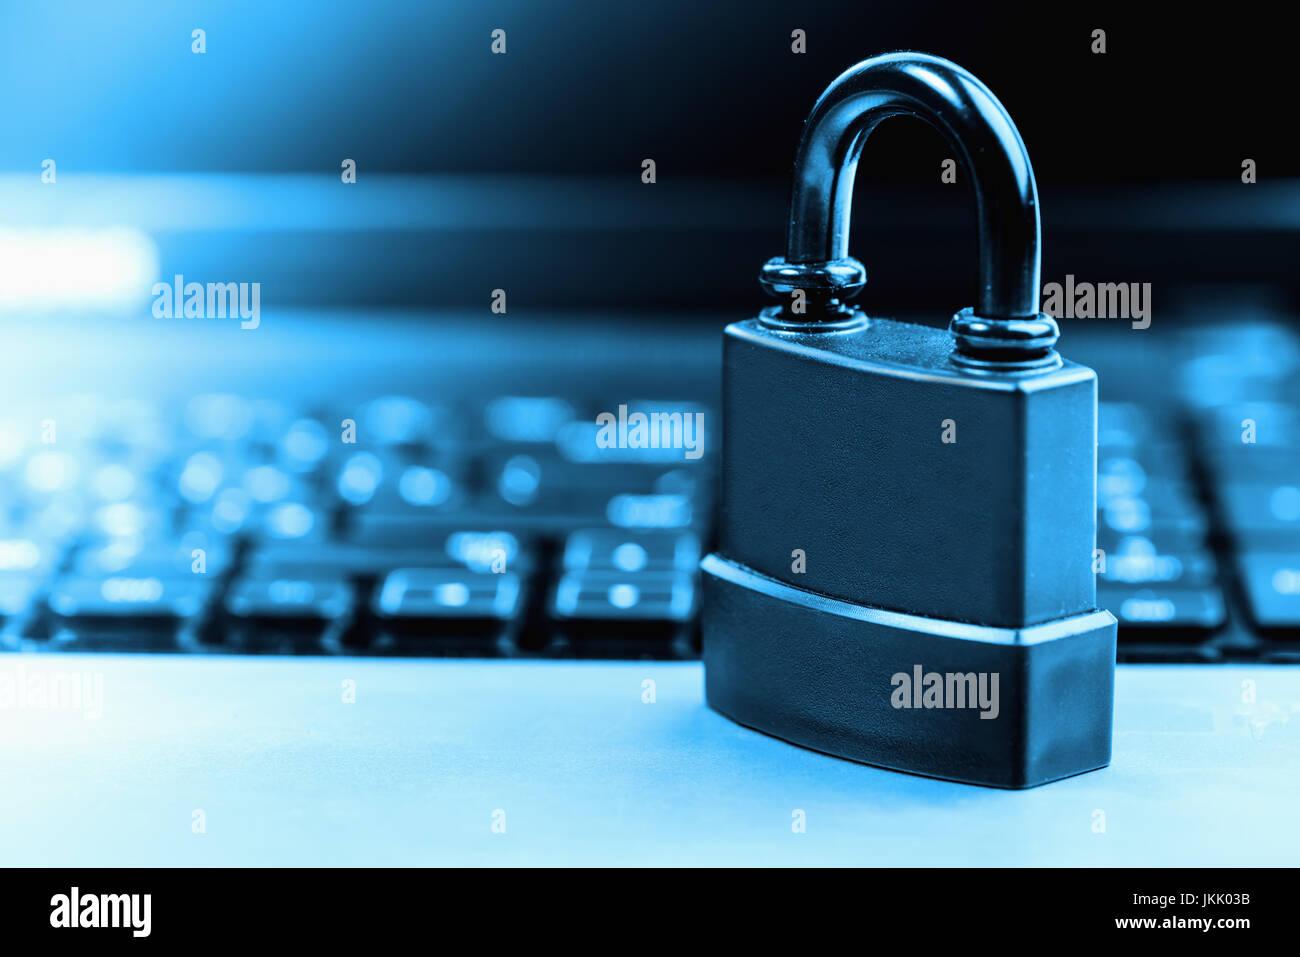 Ordinateur et la sécurité en ligne avec clavier et cadenas Photo Stock